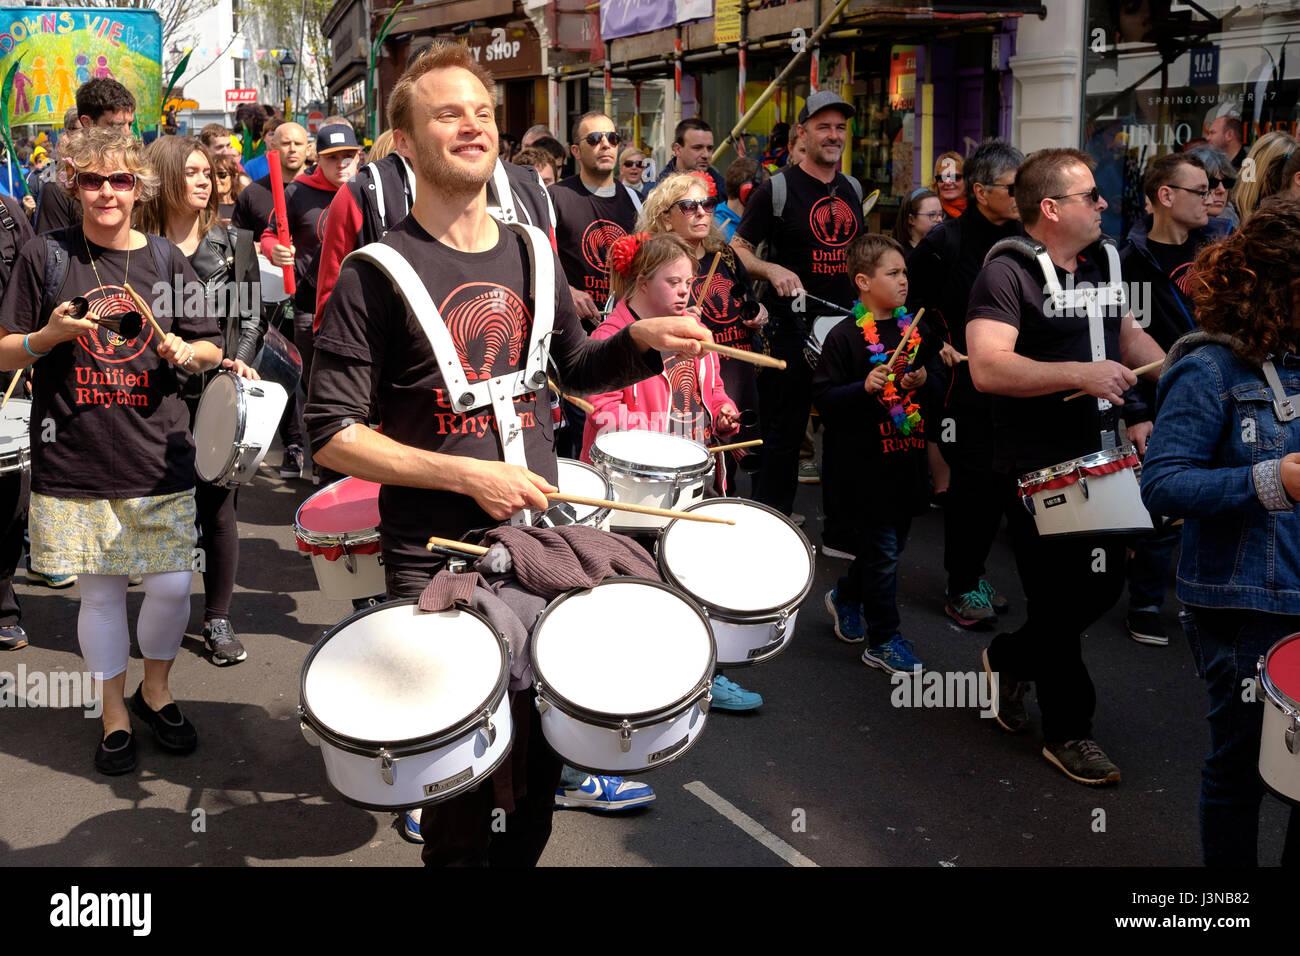 """Brighton, Reino Unido. El 6 de mayo, 2017: Cada año, el primer día del Festival de Brighton se abre con el colorido desfile infantil por las calles del centro de la ciudad. Las escuelas primarias y junior desde toda la ciudad participar en un desfile de disfraces y música, este año el tema fue """"Poesía en movimiento"""" que refleja Kate Tempest es el Curador del festival 2017. Crédito: Scott Hortop/Alamy Live News Foto de stock"""